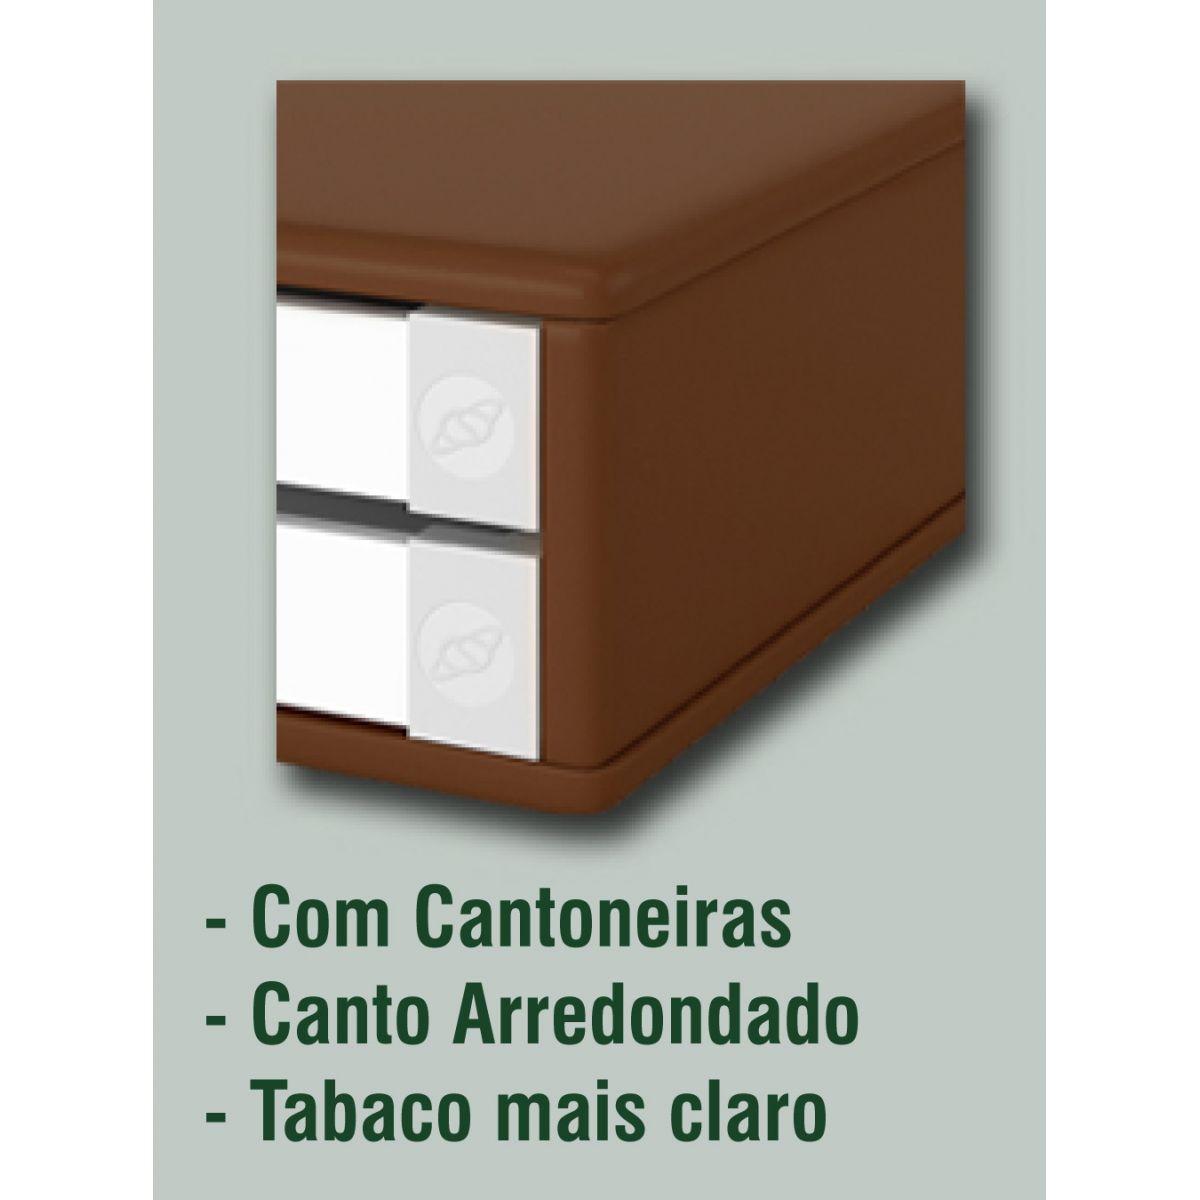 Suporte para Monitor de Mesa em MDF Tabaco CLARO com 3 Gavetas Brancas Souza Referência 3345